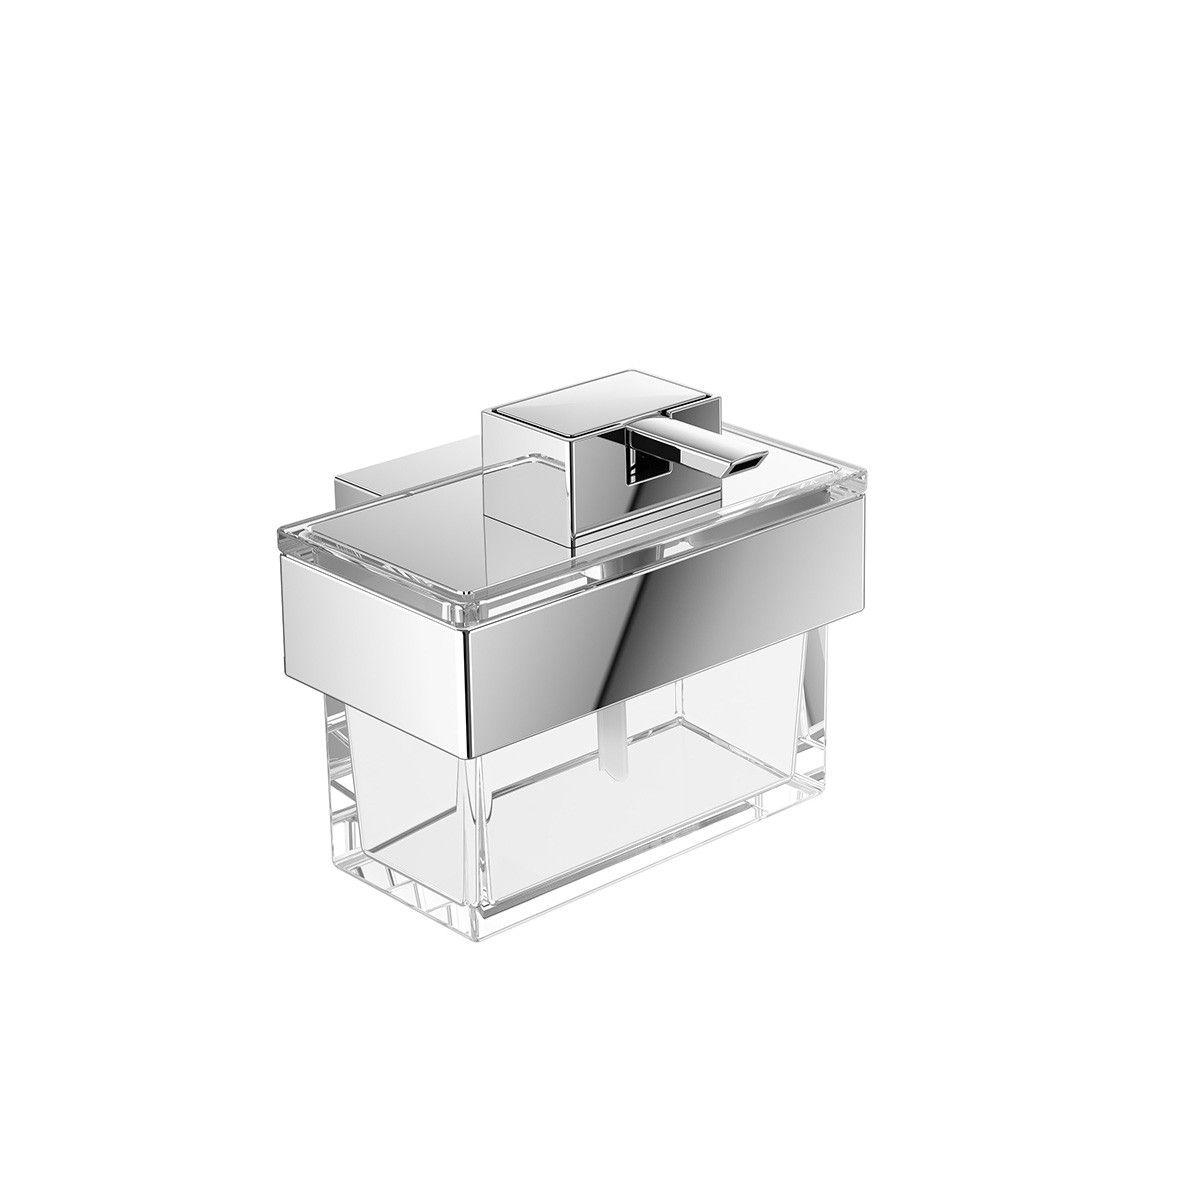 Vara 4221.001.00 Wall Mount Soap Dispenser From the Vara ...